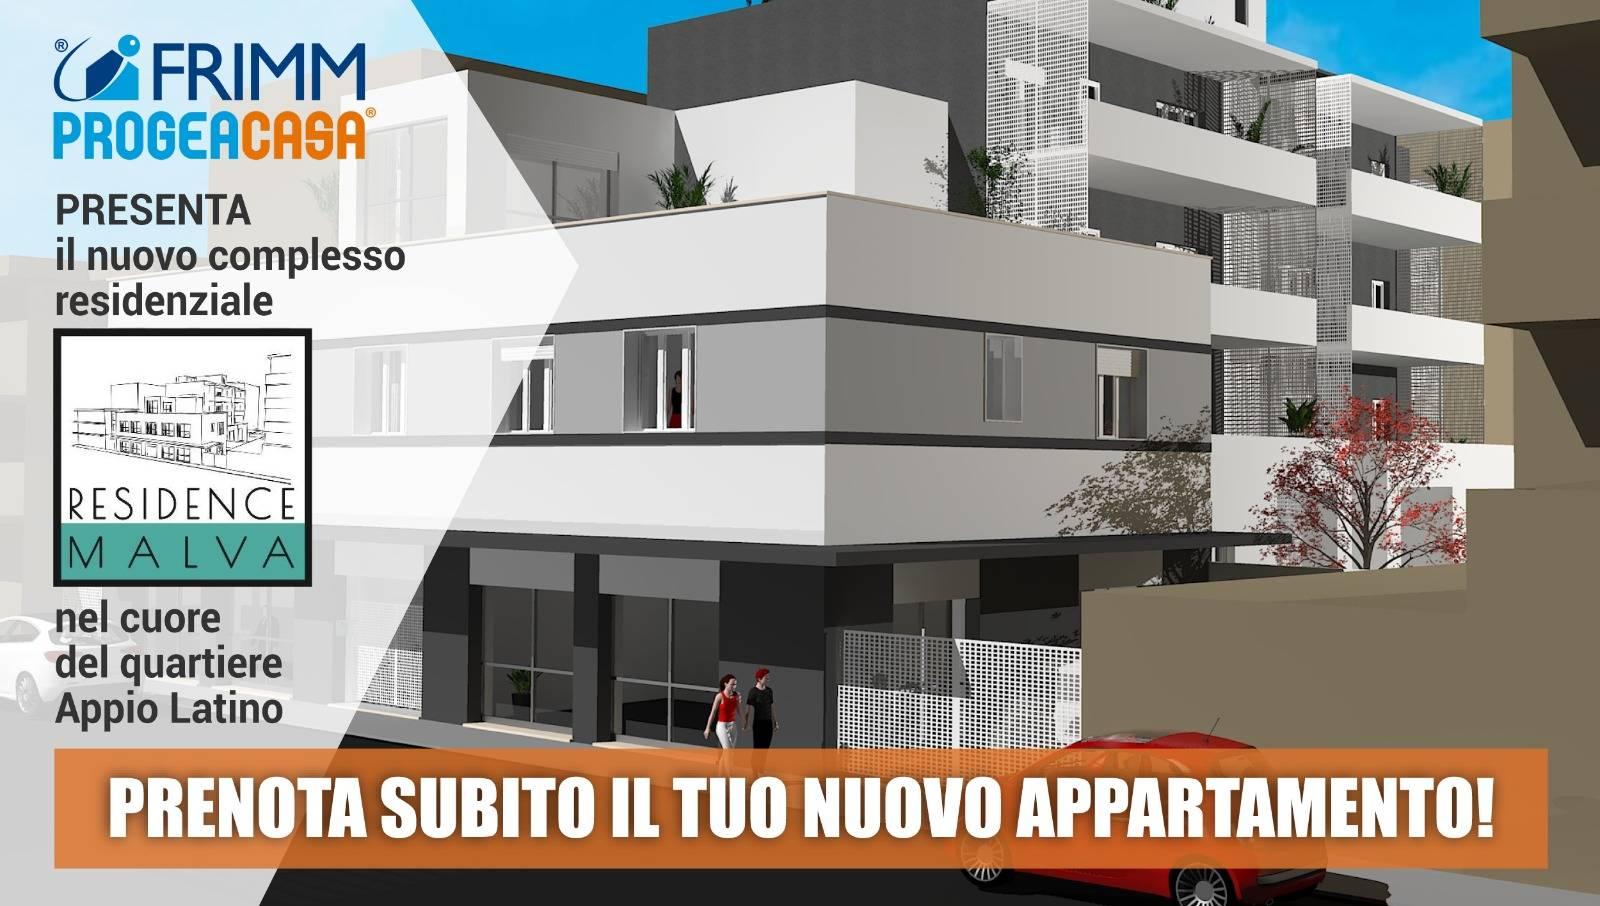 1118418412 Bilocale in Via Michele Amari, Roma, Zona Appio Latino Nuove Costruzioni